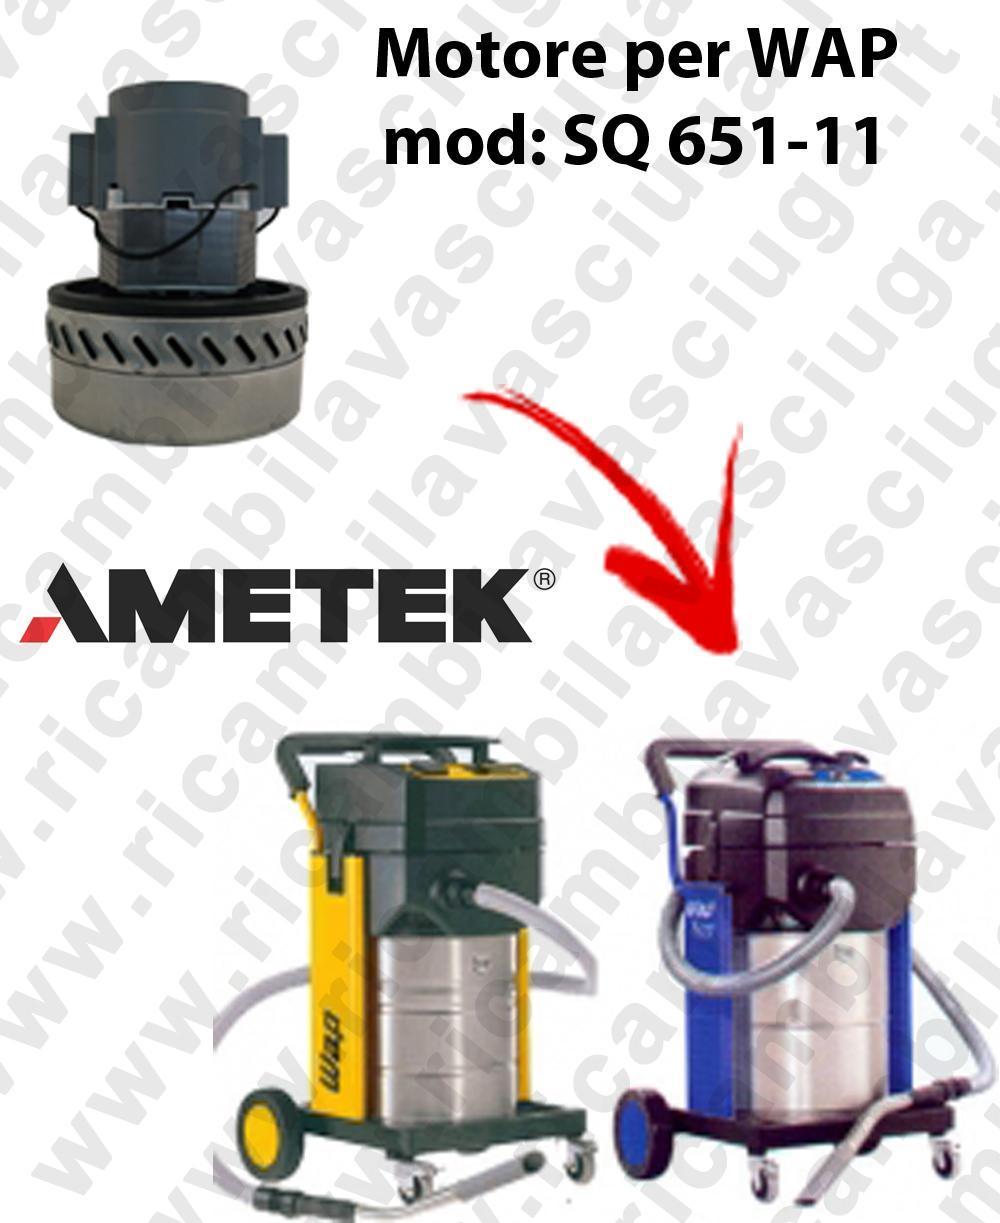 SQ 651 - 11 Saugmotor AMETEK für Staubsauger WAP